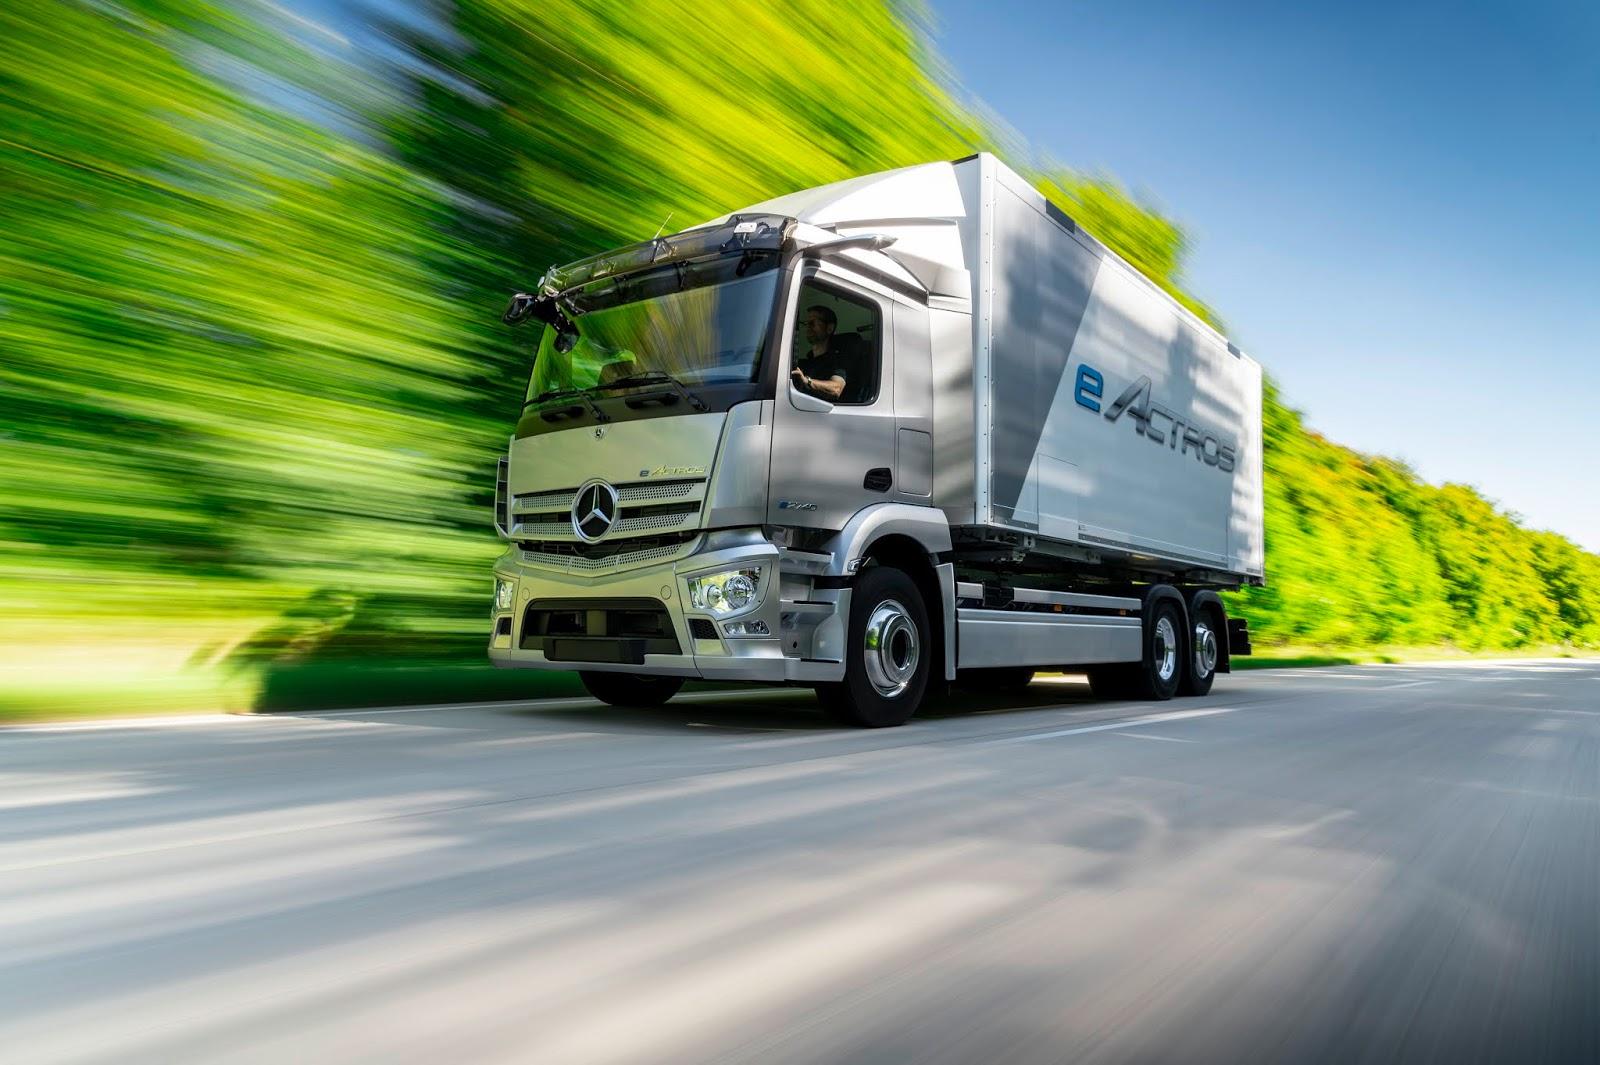 20C0706 08 Οι πρωτοπόροι της ηλεκτροκίνησης: το Mercedes-Benz eActros και το Mercedes-Benz GenH2 Truck κερδίζουν το βραβείο καινοτομίας «Truck Innovation Award 2021» electric trucks, EV, Mercedes, Mercedes Benz, ειδήσεις, Επαγγελματικά, Φορτηγά